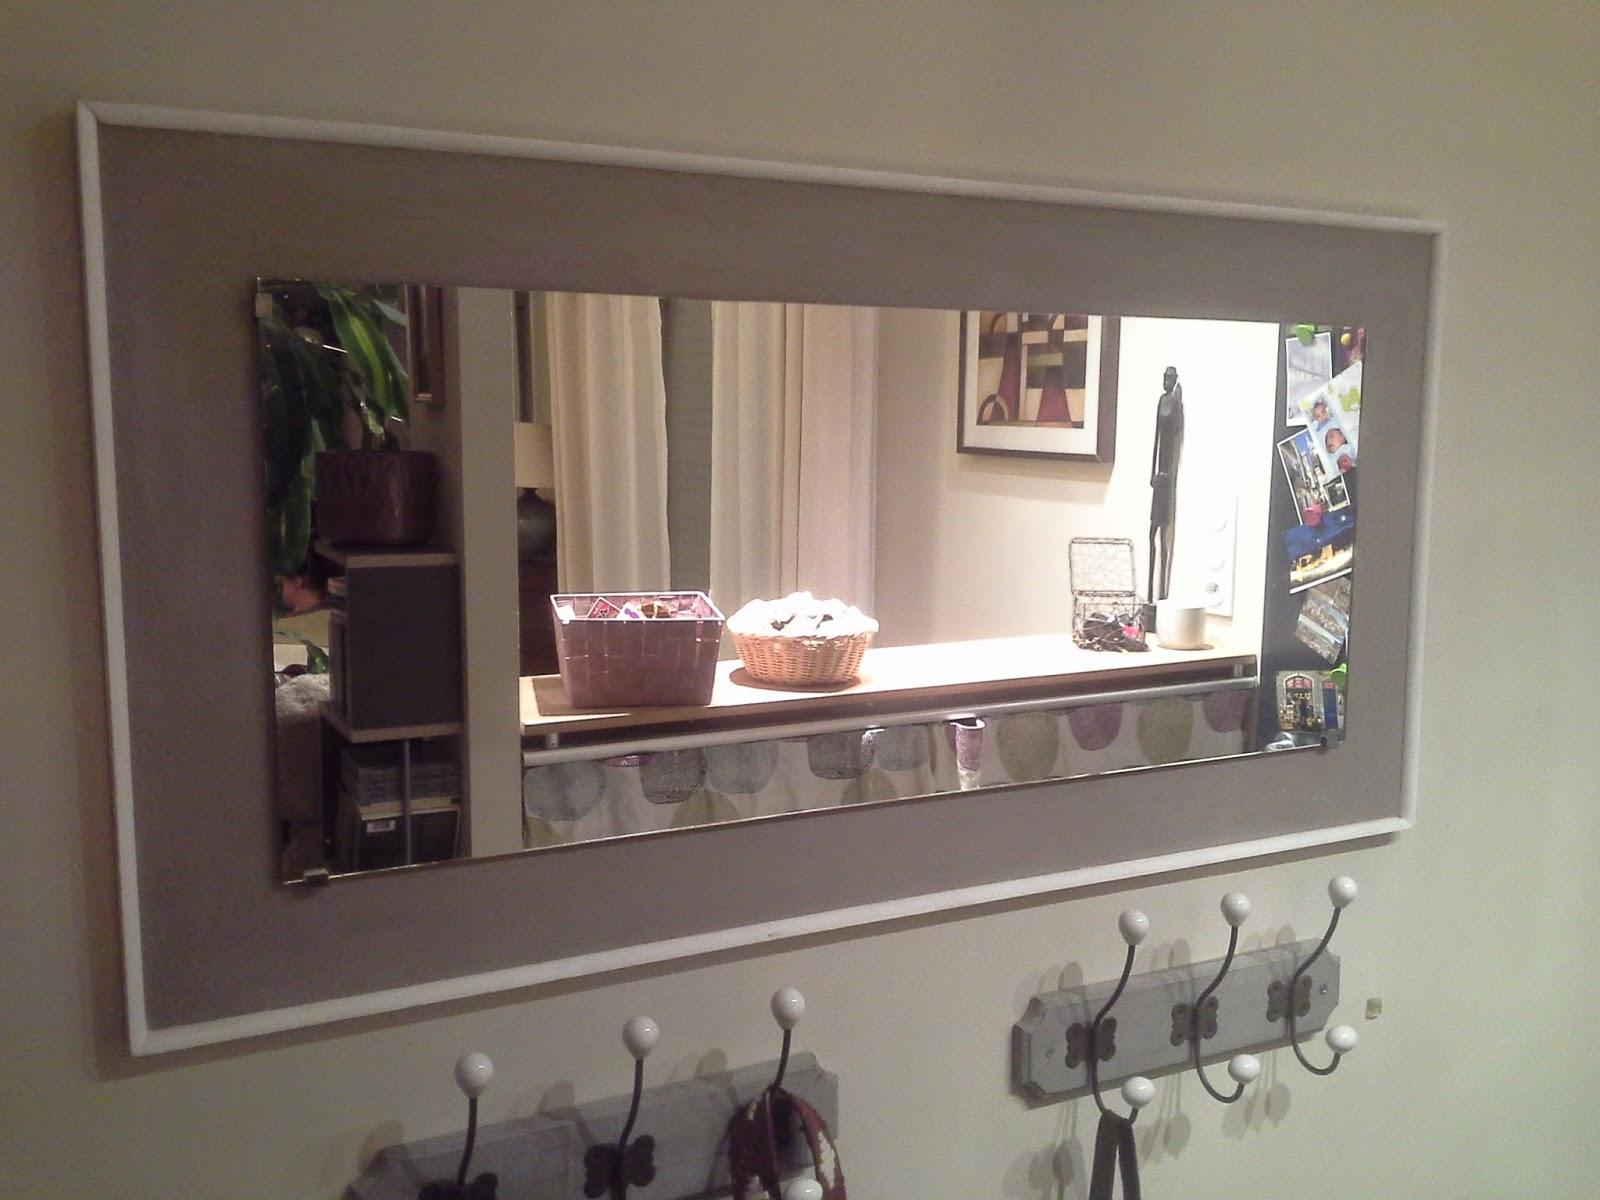 Ti case en bois miroirs for Miroir le bon coin